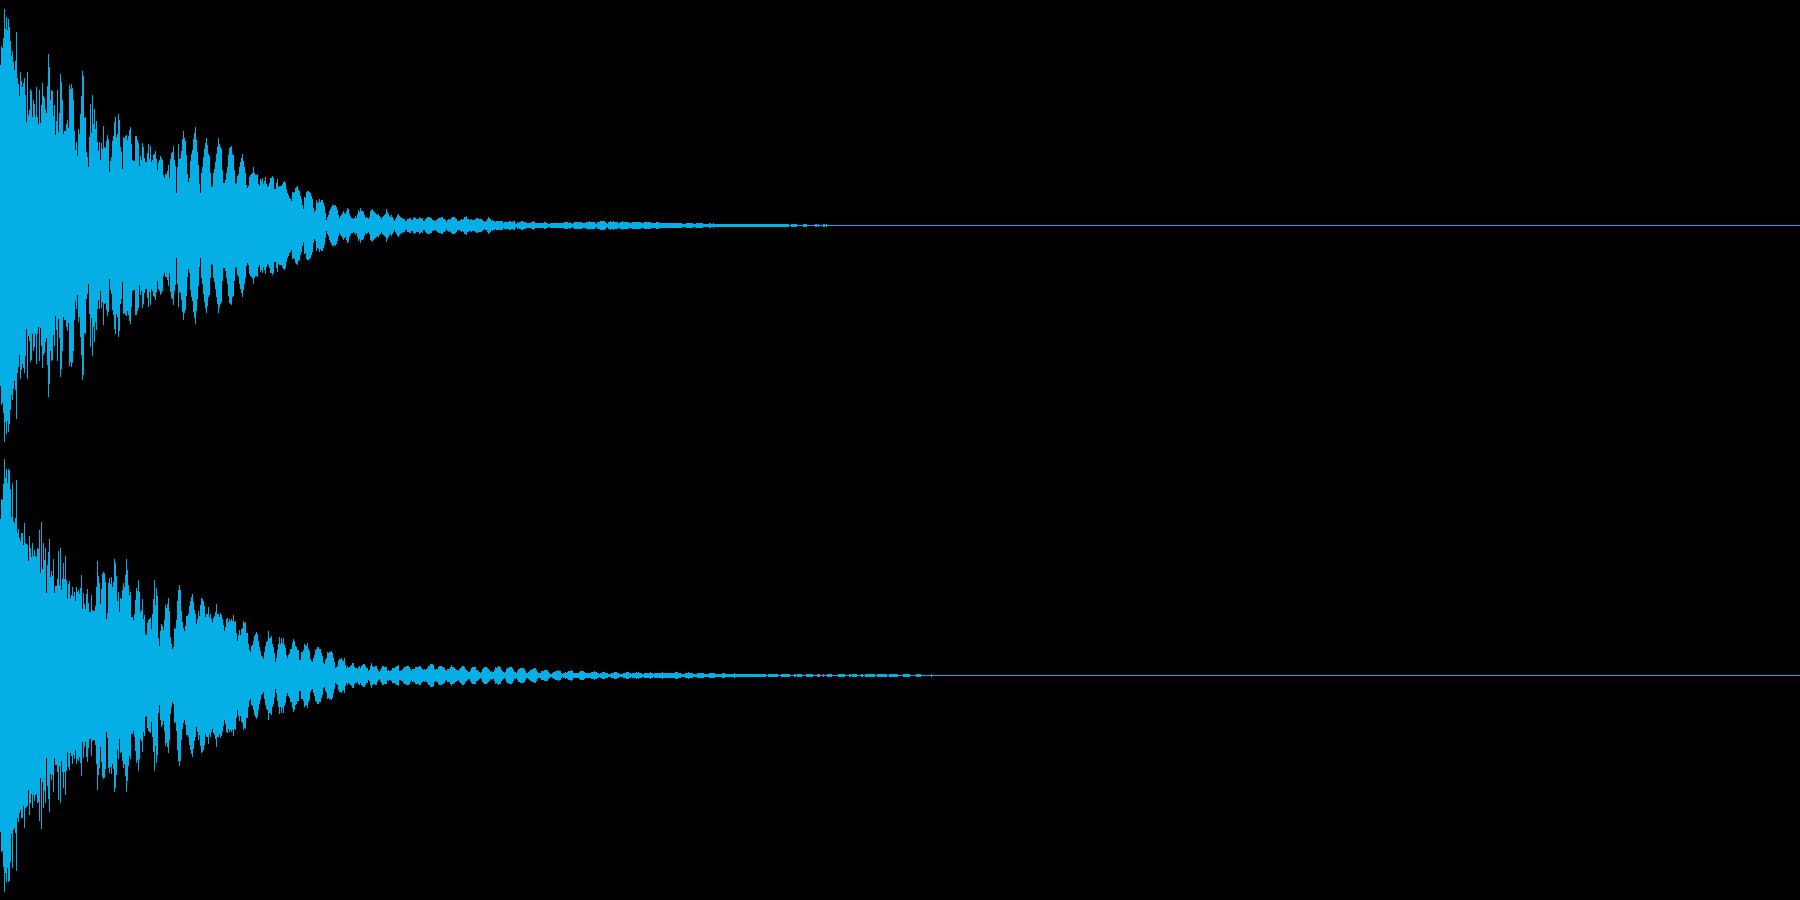 刀 キーン 剣 リアル インパクト Aの再生済みの波形